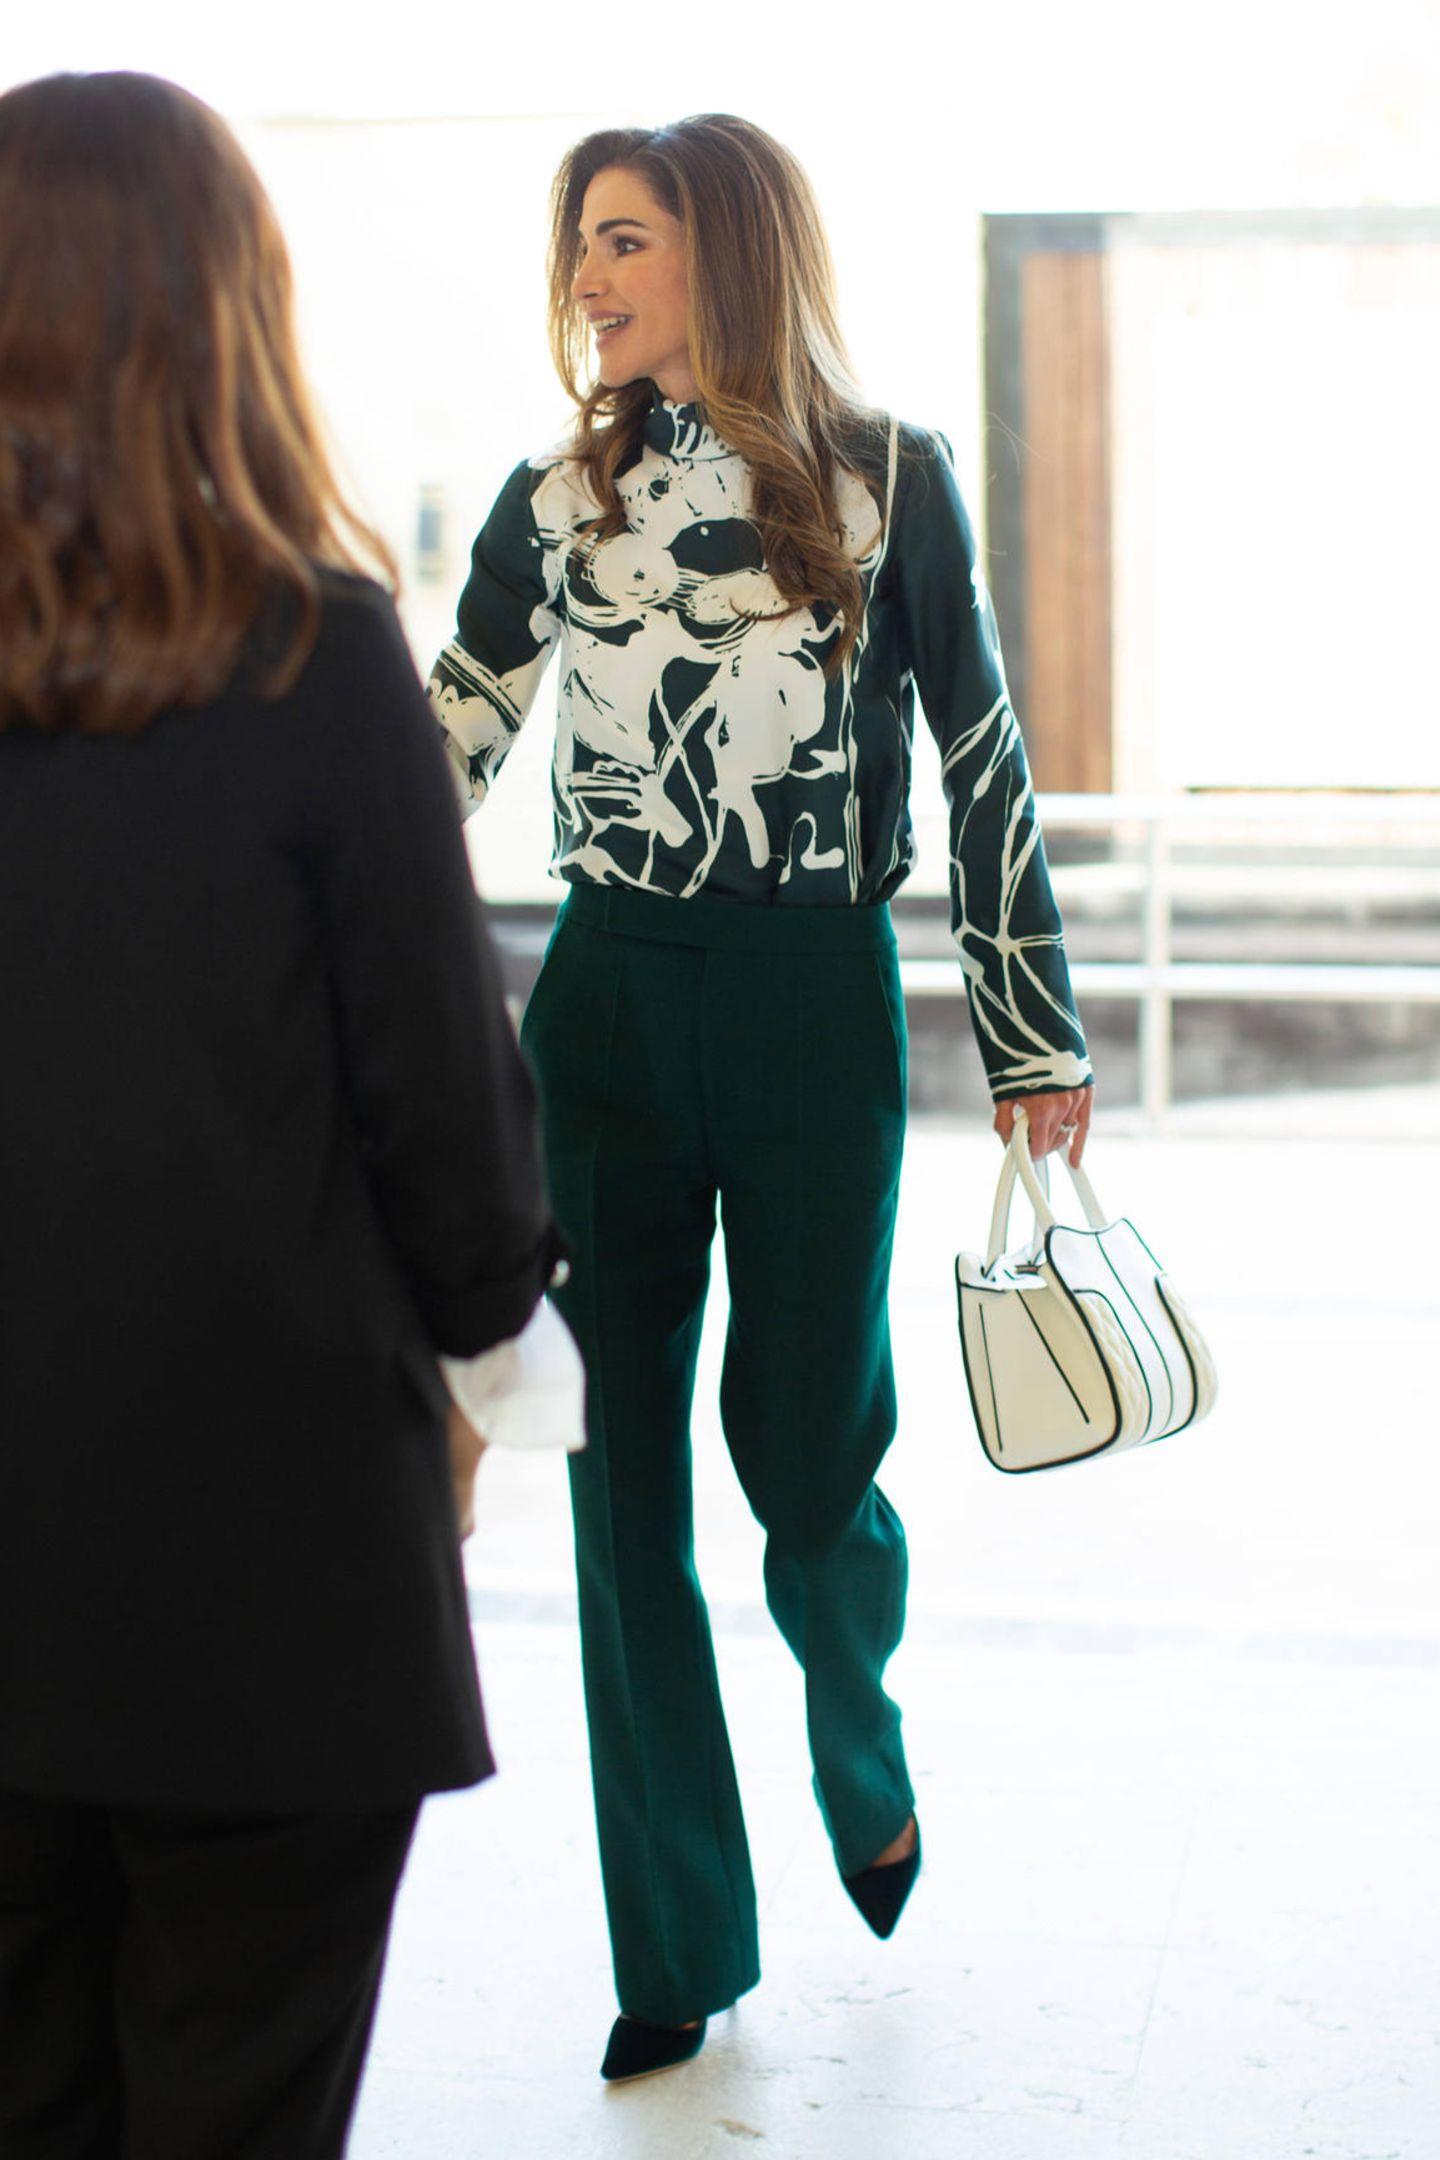 """In einem grün-weißen Komplettlook besucht Königin Rania ein Meeting der """"Jordan River Foundation"""". In der Hand hält sie eine farblich abgestimmte Tasche von Tod's, dazu trägt sie dunkelgrüne Pumps von Manolo Blahnik."""